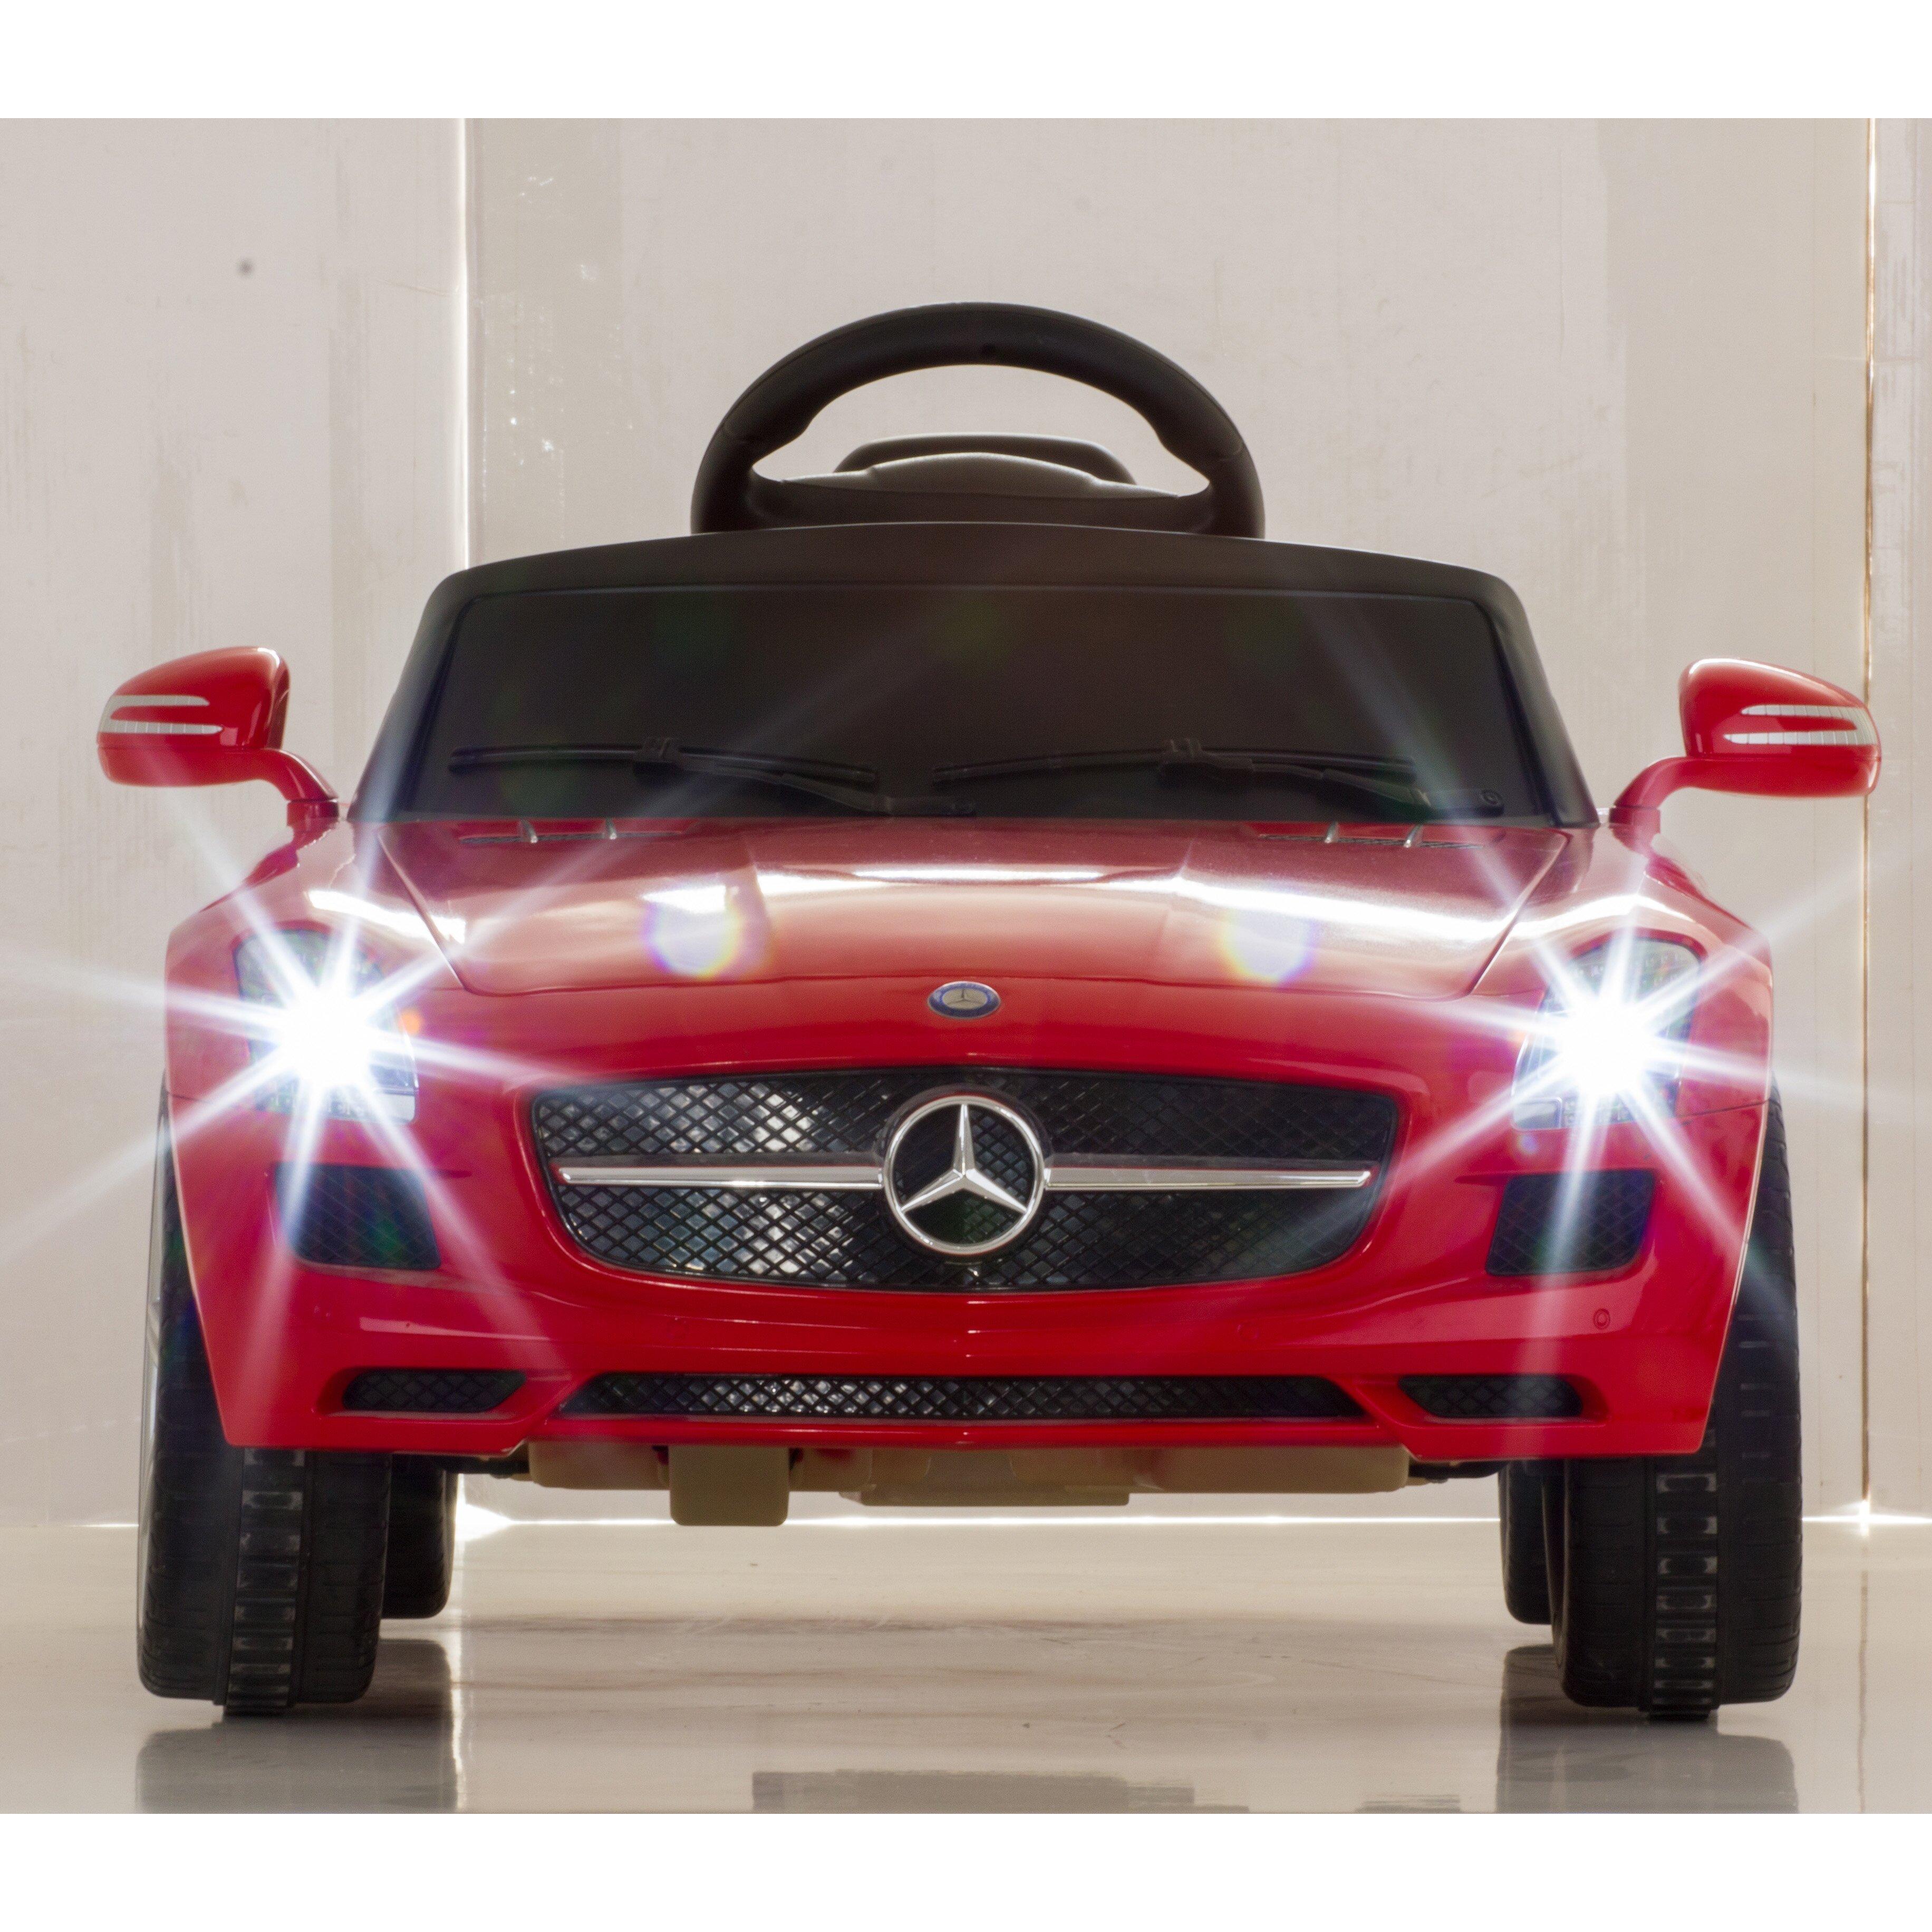 Vroom Rider Mercedes Benz Sls Amg Rastar 6v Battery